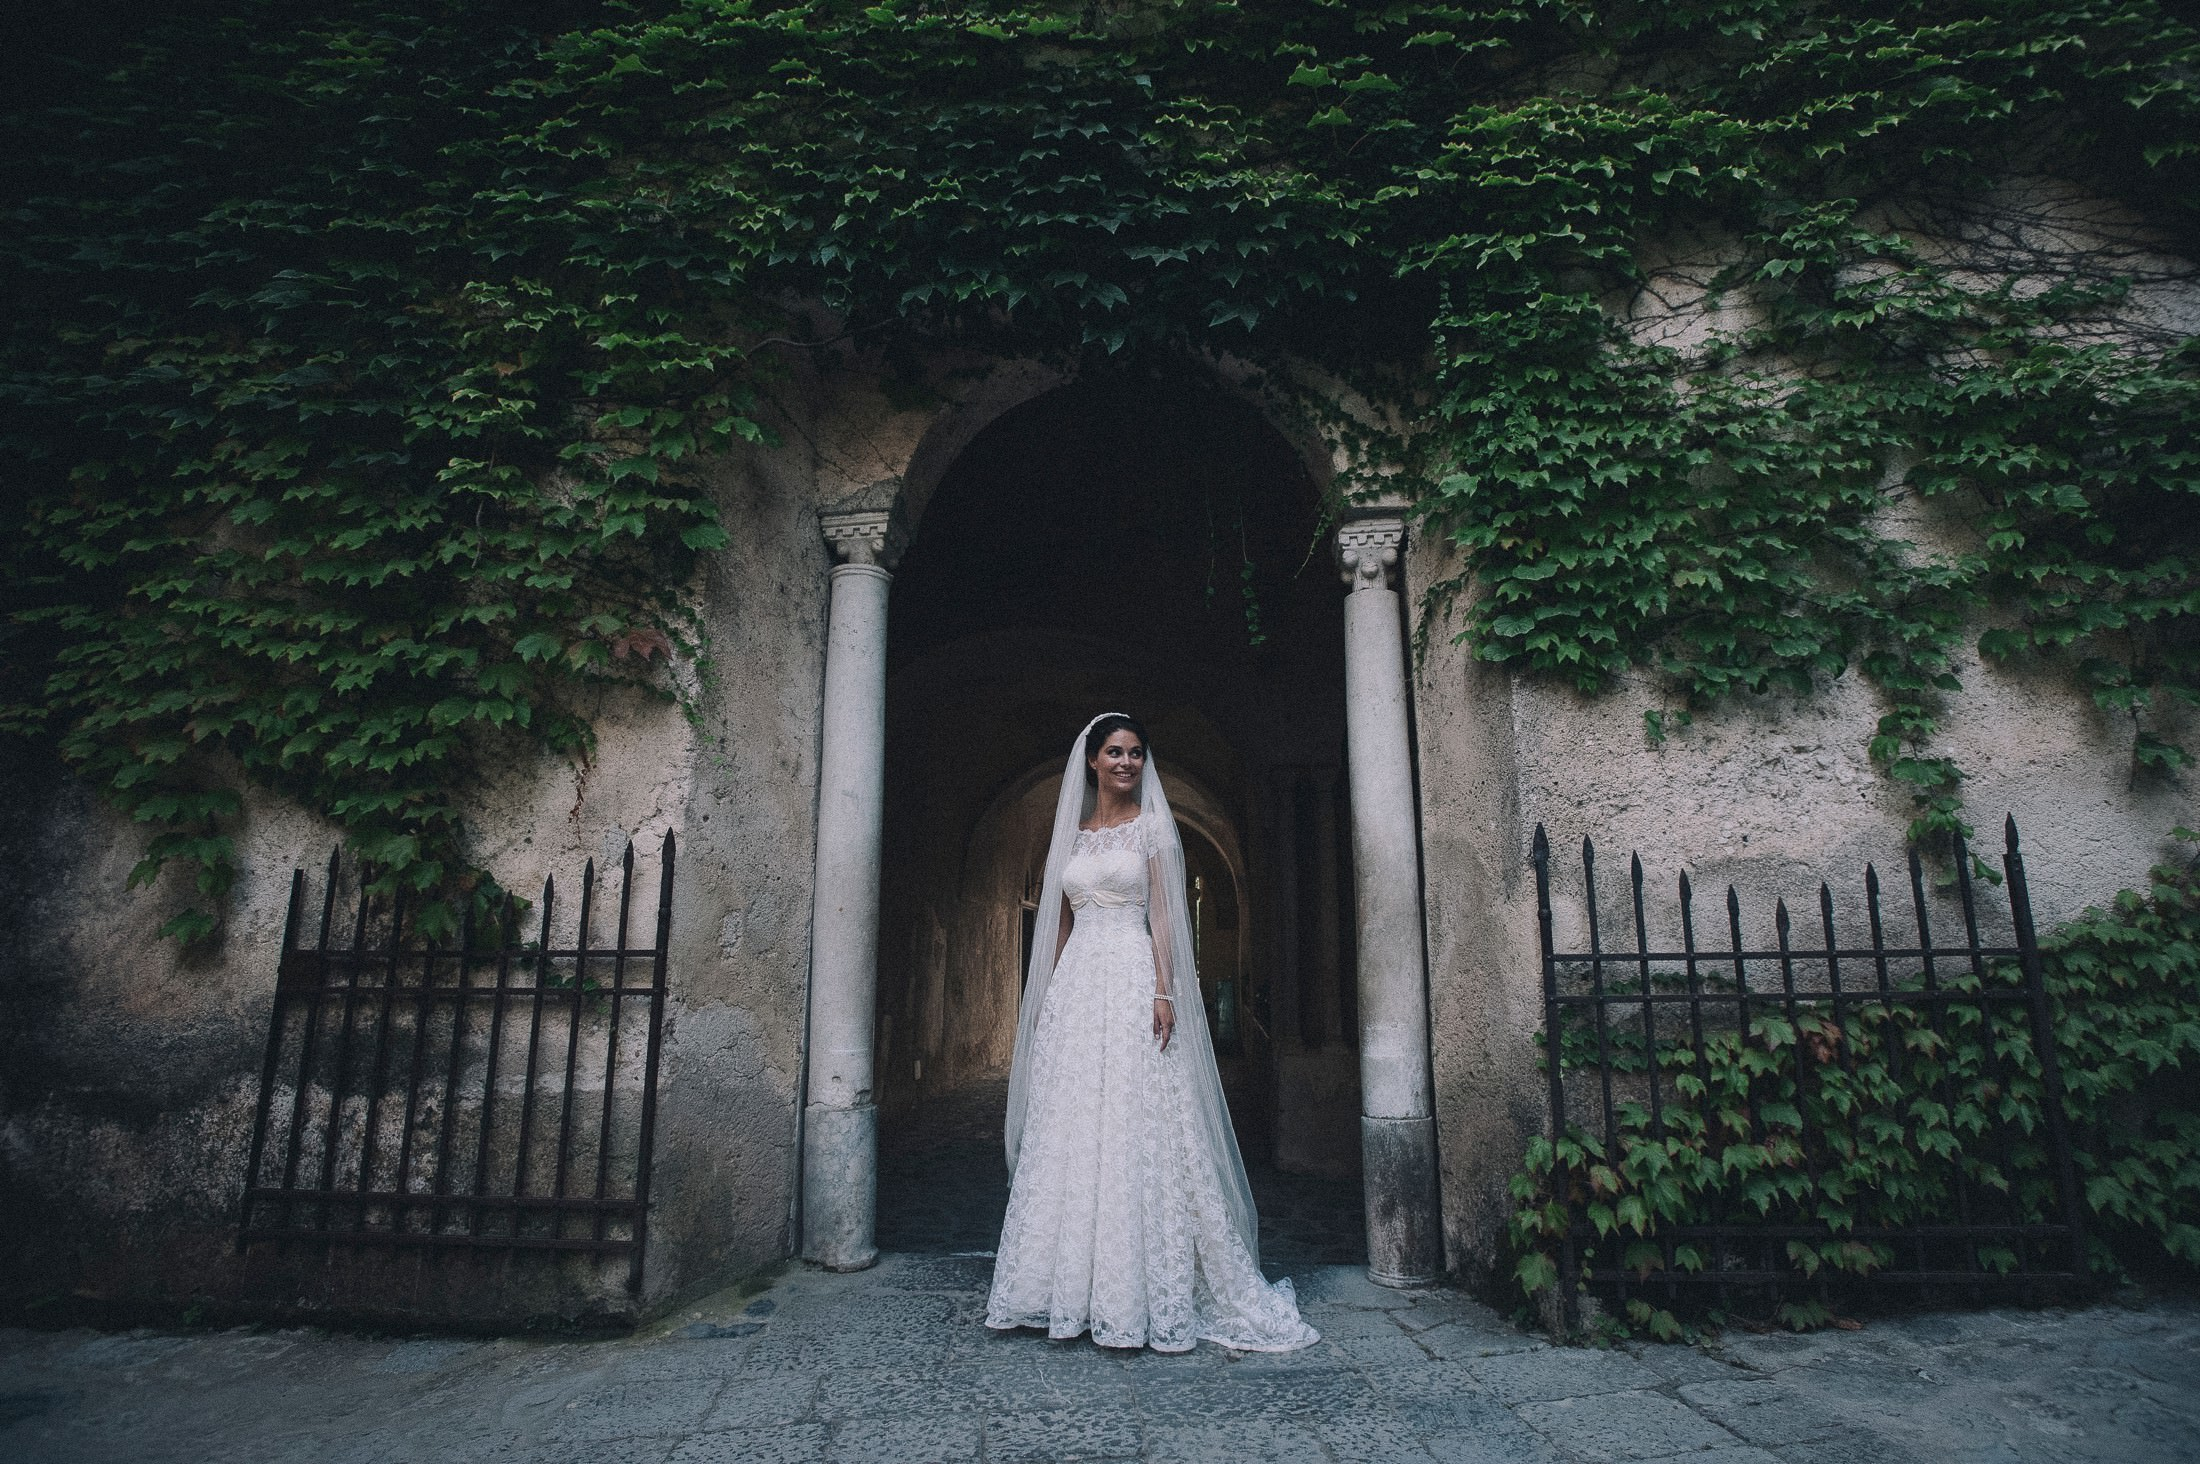 gianni di natale bride's portrait in ravello